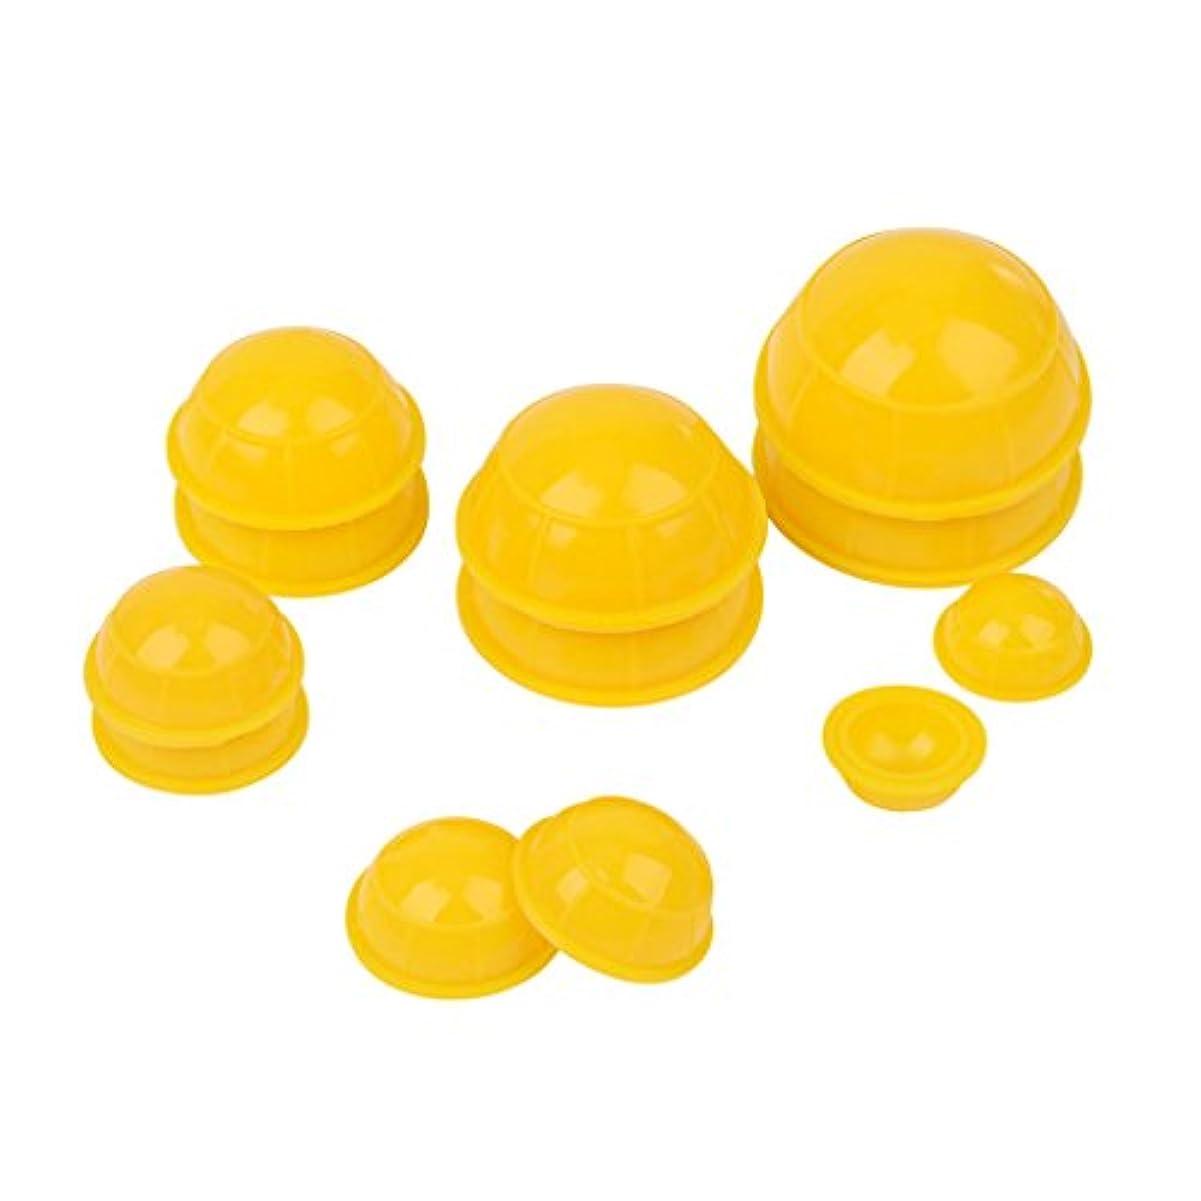 レンディションバンド虫を数える(inkint)マッサージ吸い玉 カッピングカップ 12個セット シリコン製 吸い玉 (イエロー)